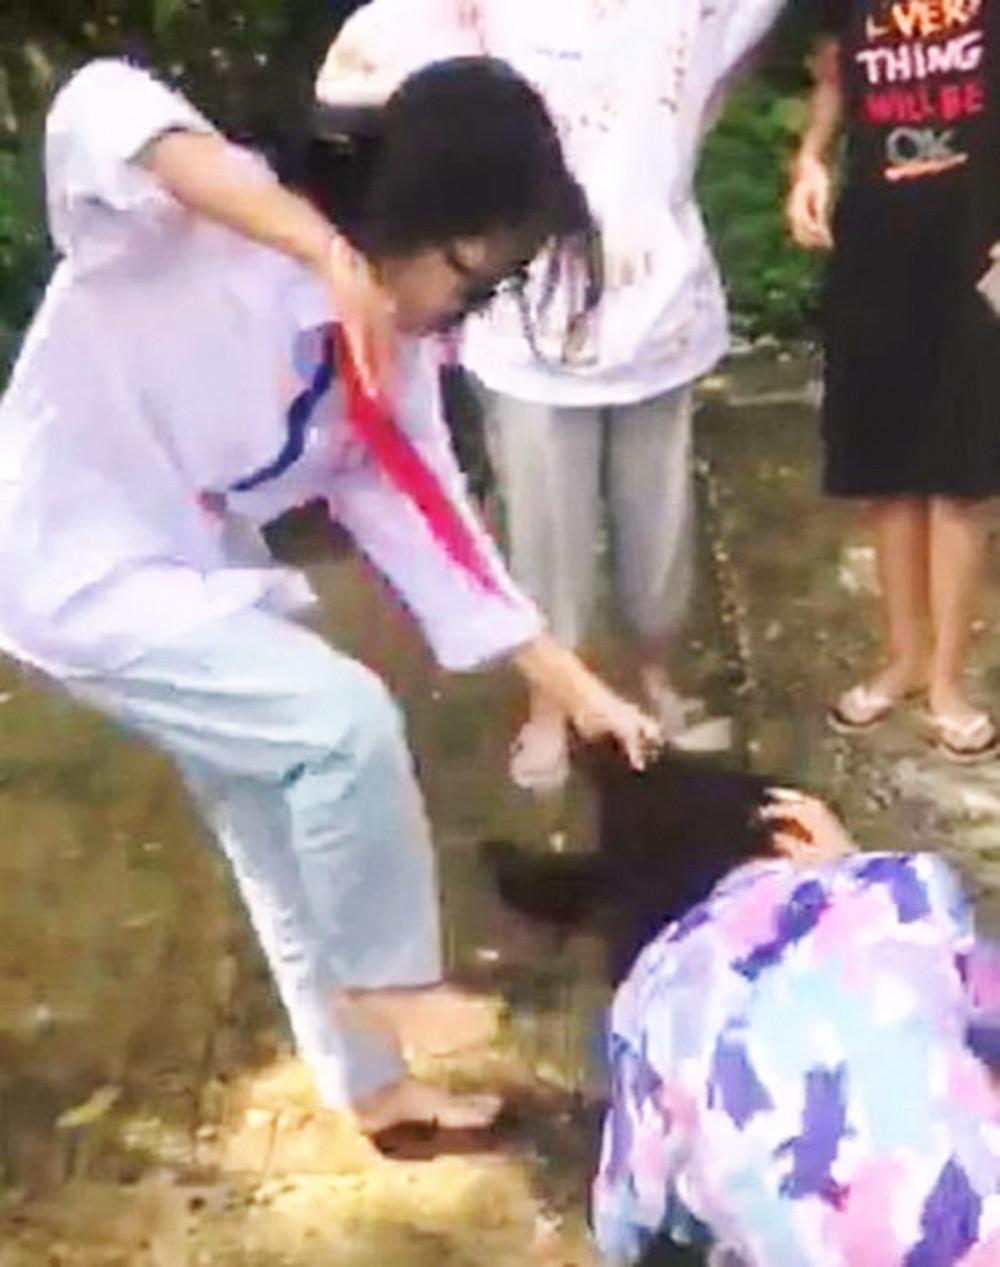 Bé gái (áo hoa) bị bạn xúm lại đánh hội đồng. Ảnh cắt từ clip